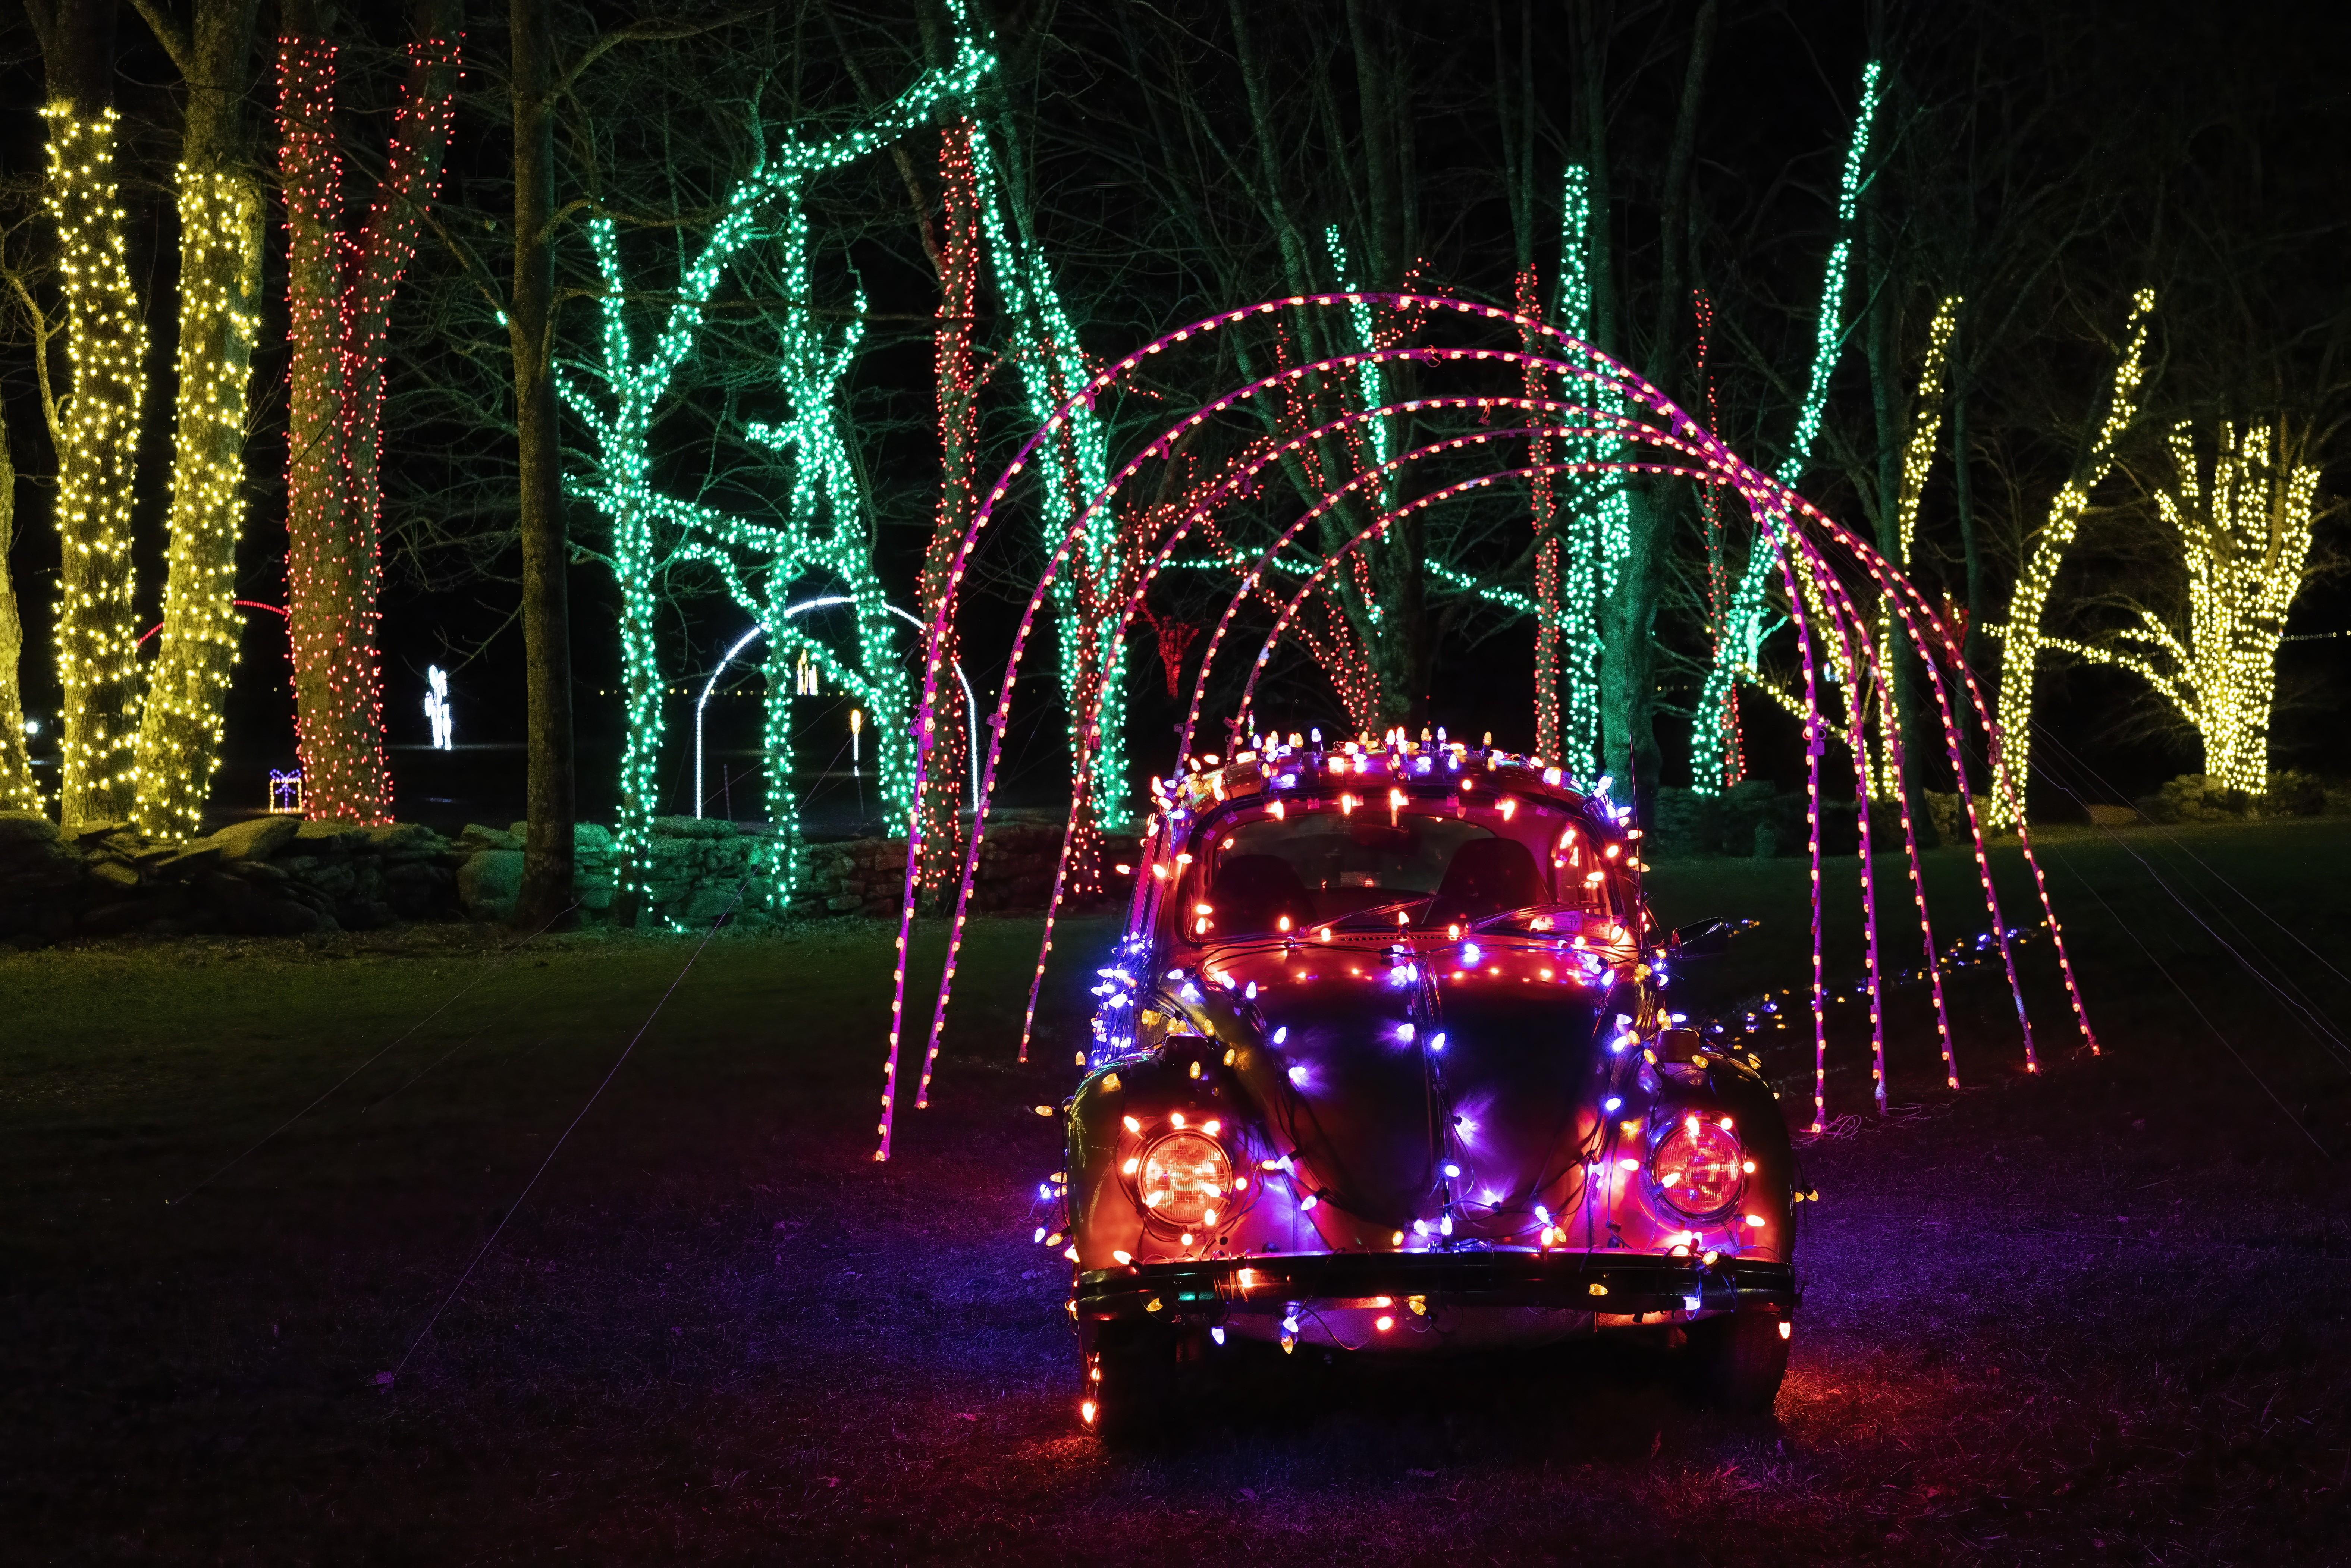 dsc3606a - Christmas Lights Spectacular Part 2 Hunter Valley Gardens 30 December